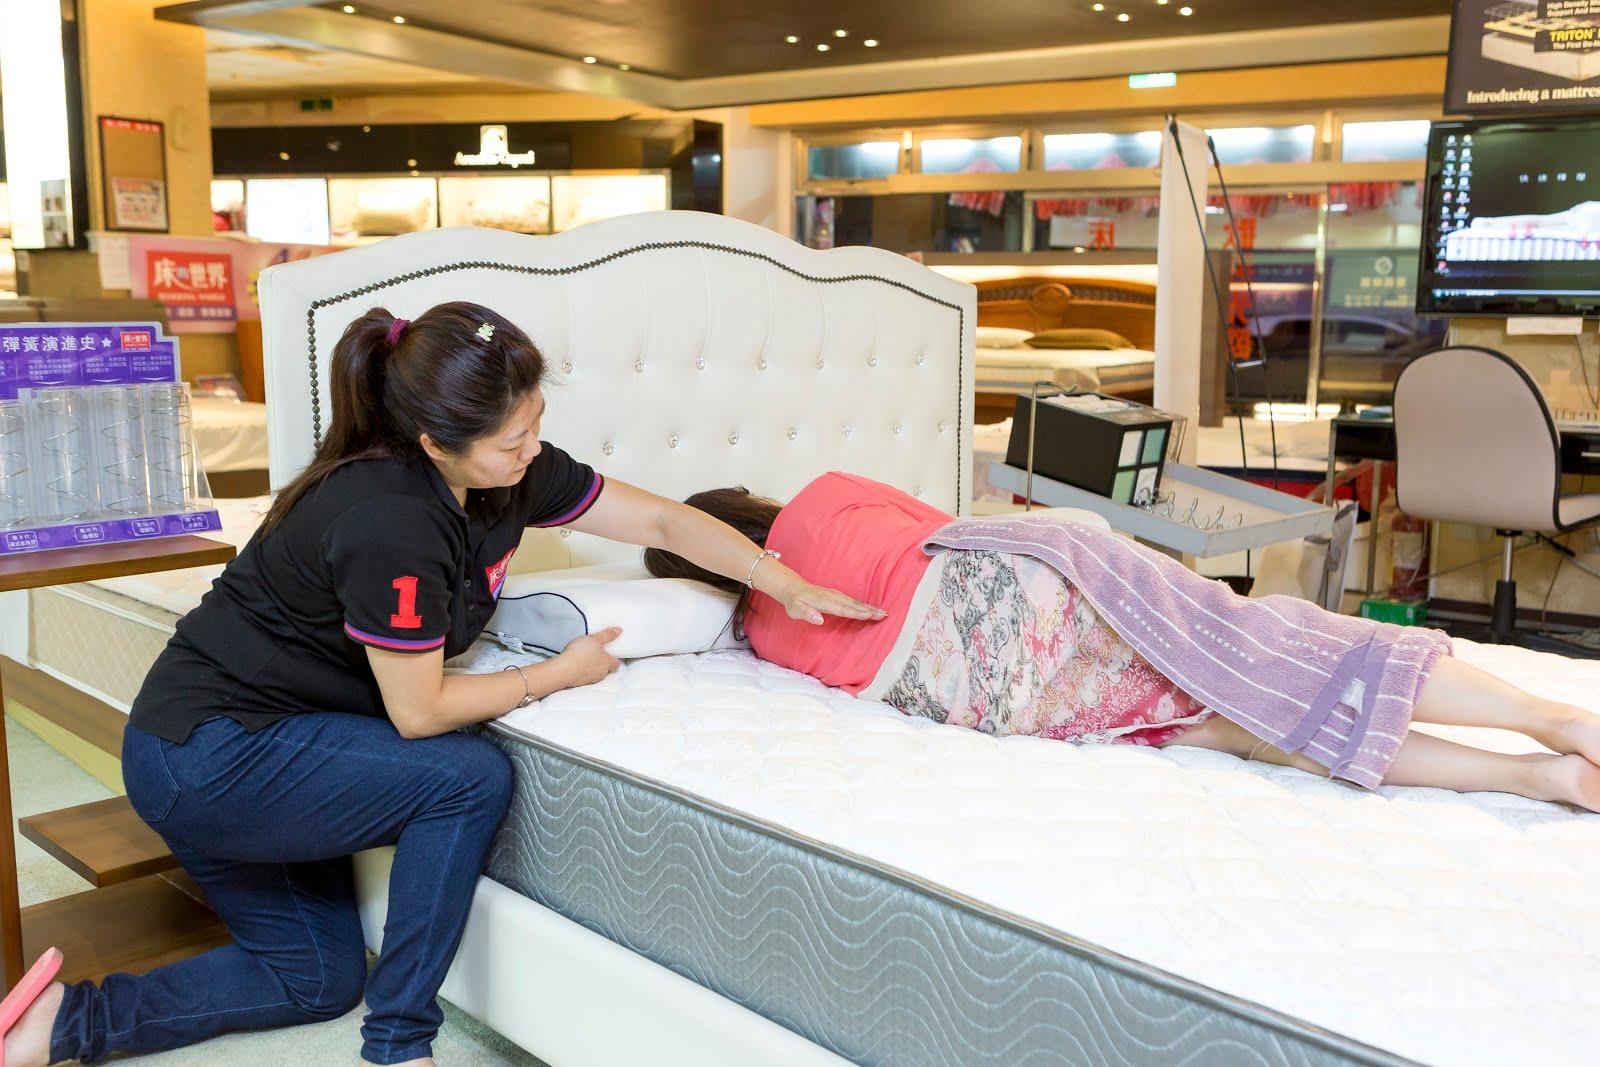 Bedding-world_dj%25E7%2590%25A6%25E7%2590%25A6_wwwhostkikicom_%25E8%2584%258A%25E6%25A4%258E%25E8%25A6%2581%25E6%259C%258D%25E8%25B2%25BC.jpg-天天享受睡眠SPA | 席夢思兩萬有找 走一趟床的世界 選張好床吧